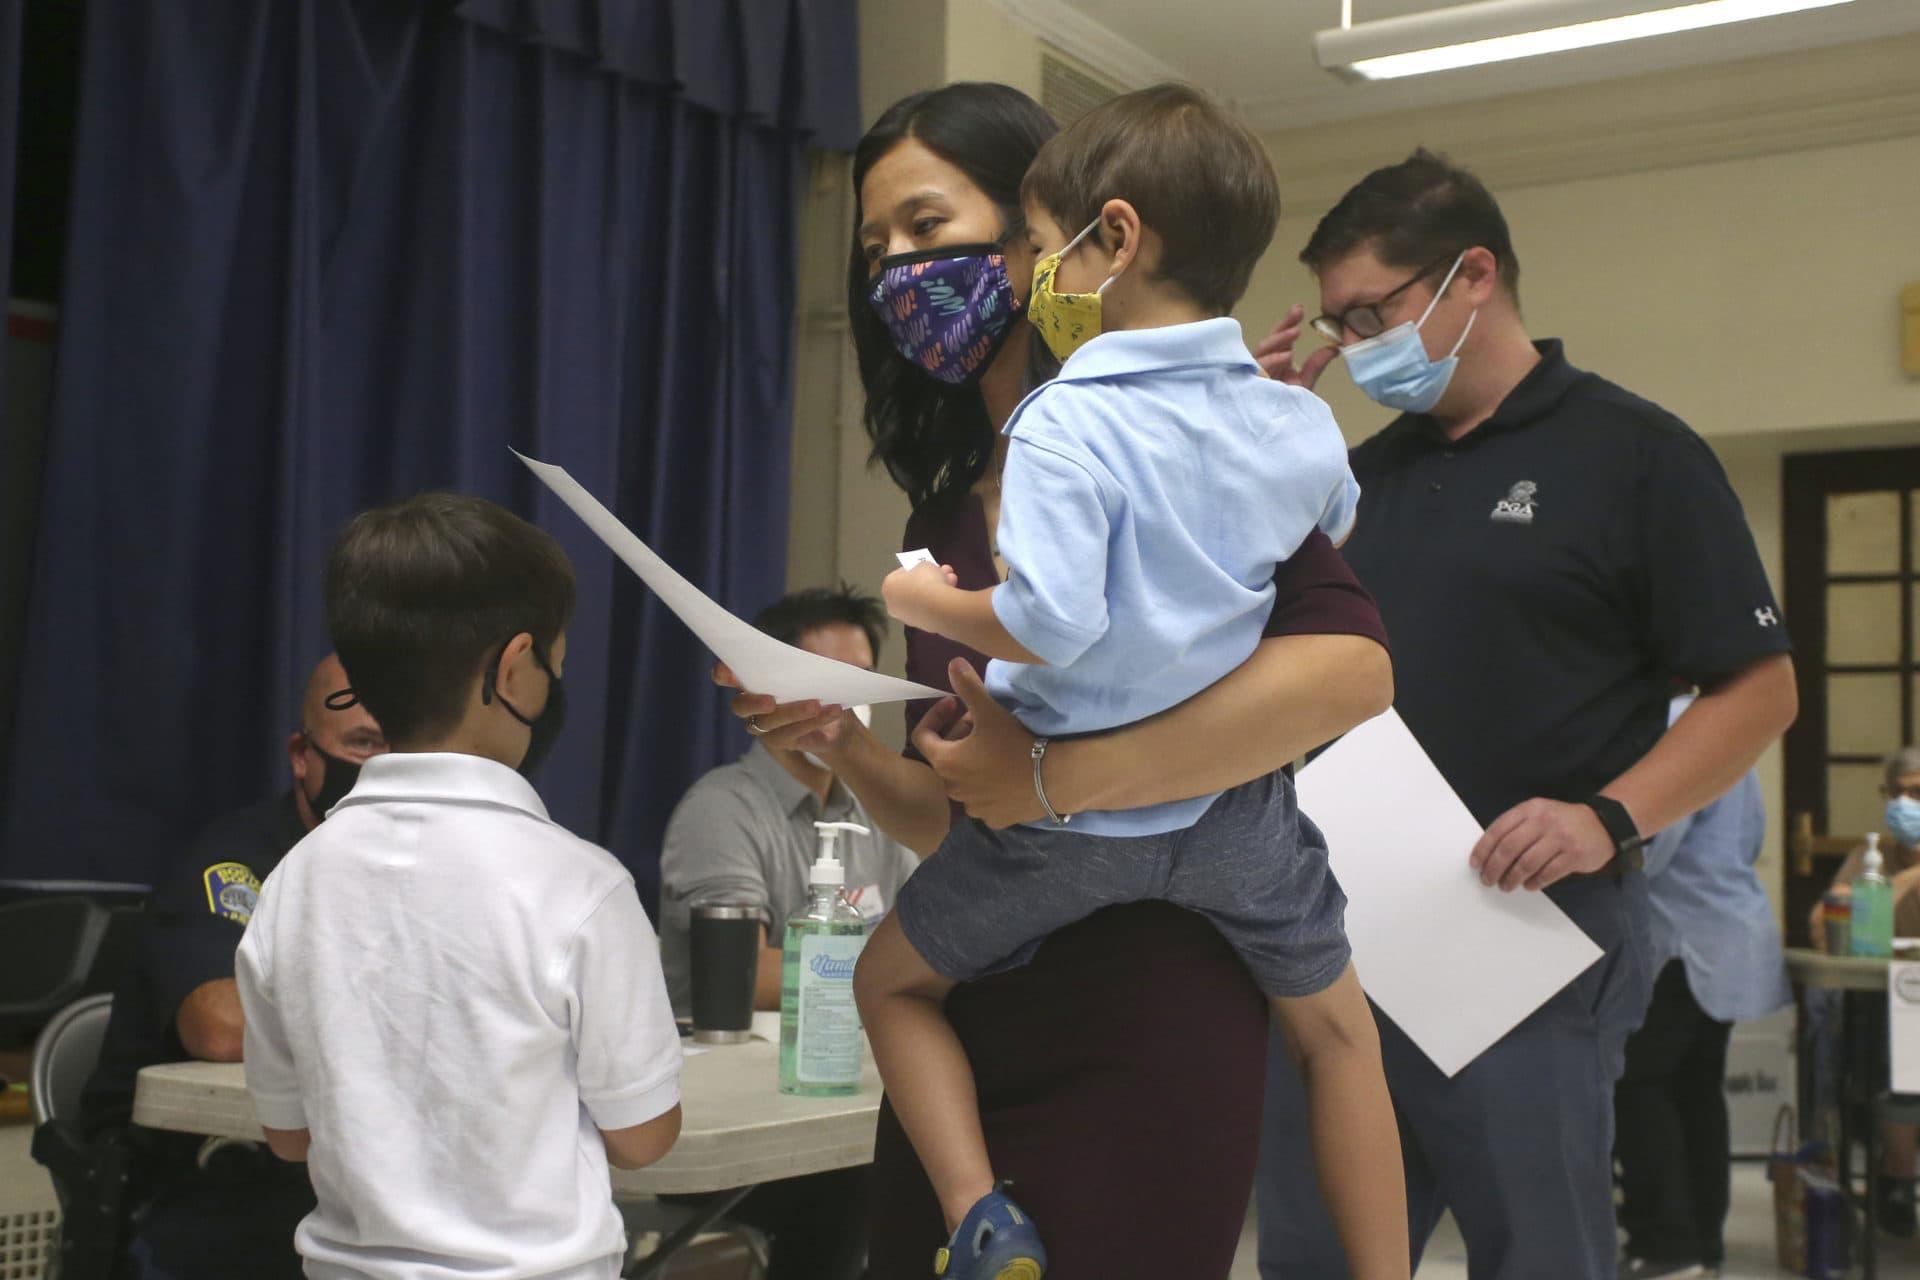 La candidata a la alcaldía de Boston, Michelle Wu, sostiene a su hijo Cass, de 4 años, emite su voto en la carrera por la alcaldía el día de las elecciones, junto con su esposo Conor Pewarski, a la derecha, y su otro hijo Blaise, a la izquierda, de 6 años, en la escuela primaria Phineas Bates. Escuela en Boston, 14 de septiembre de 2021 (Stew Milne / AP)